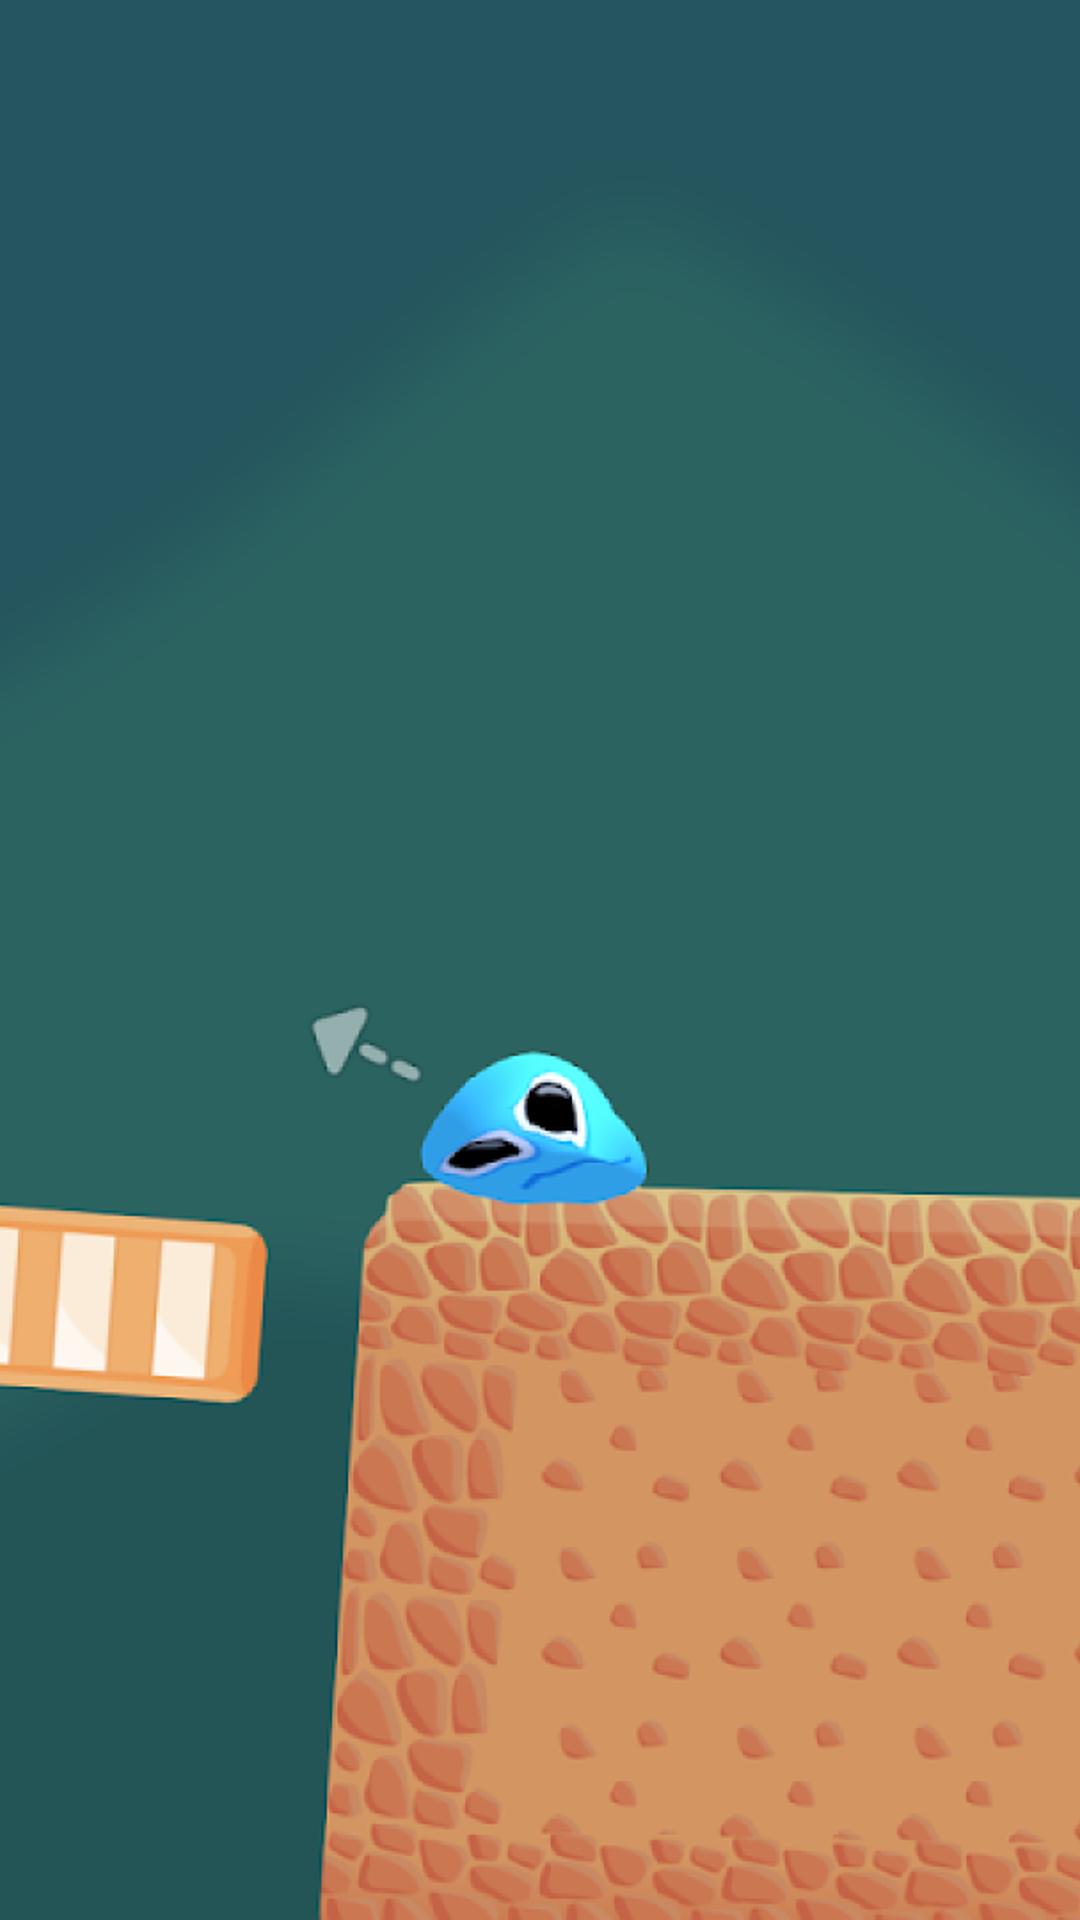 救救小球v0.3.1 安卓版